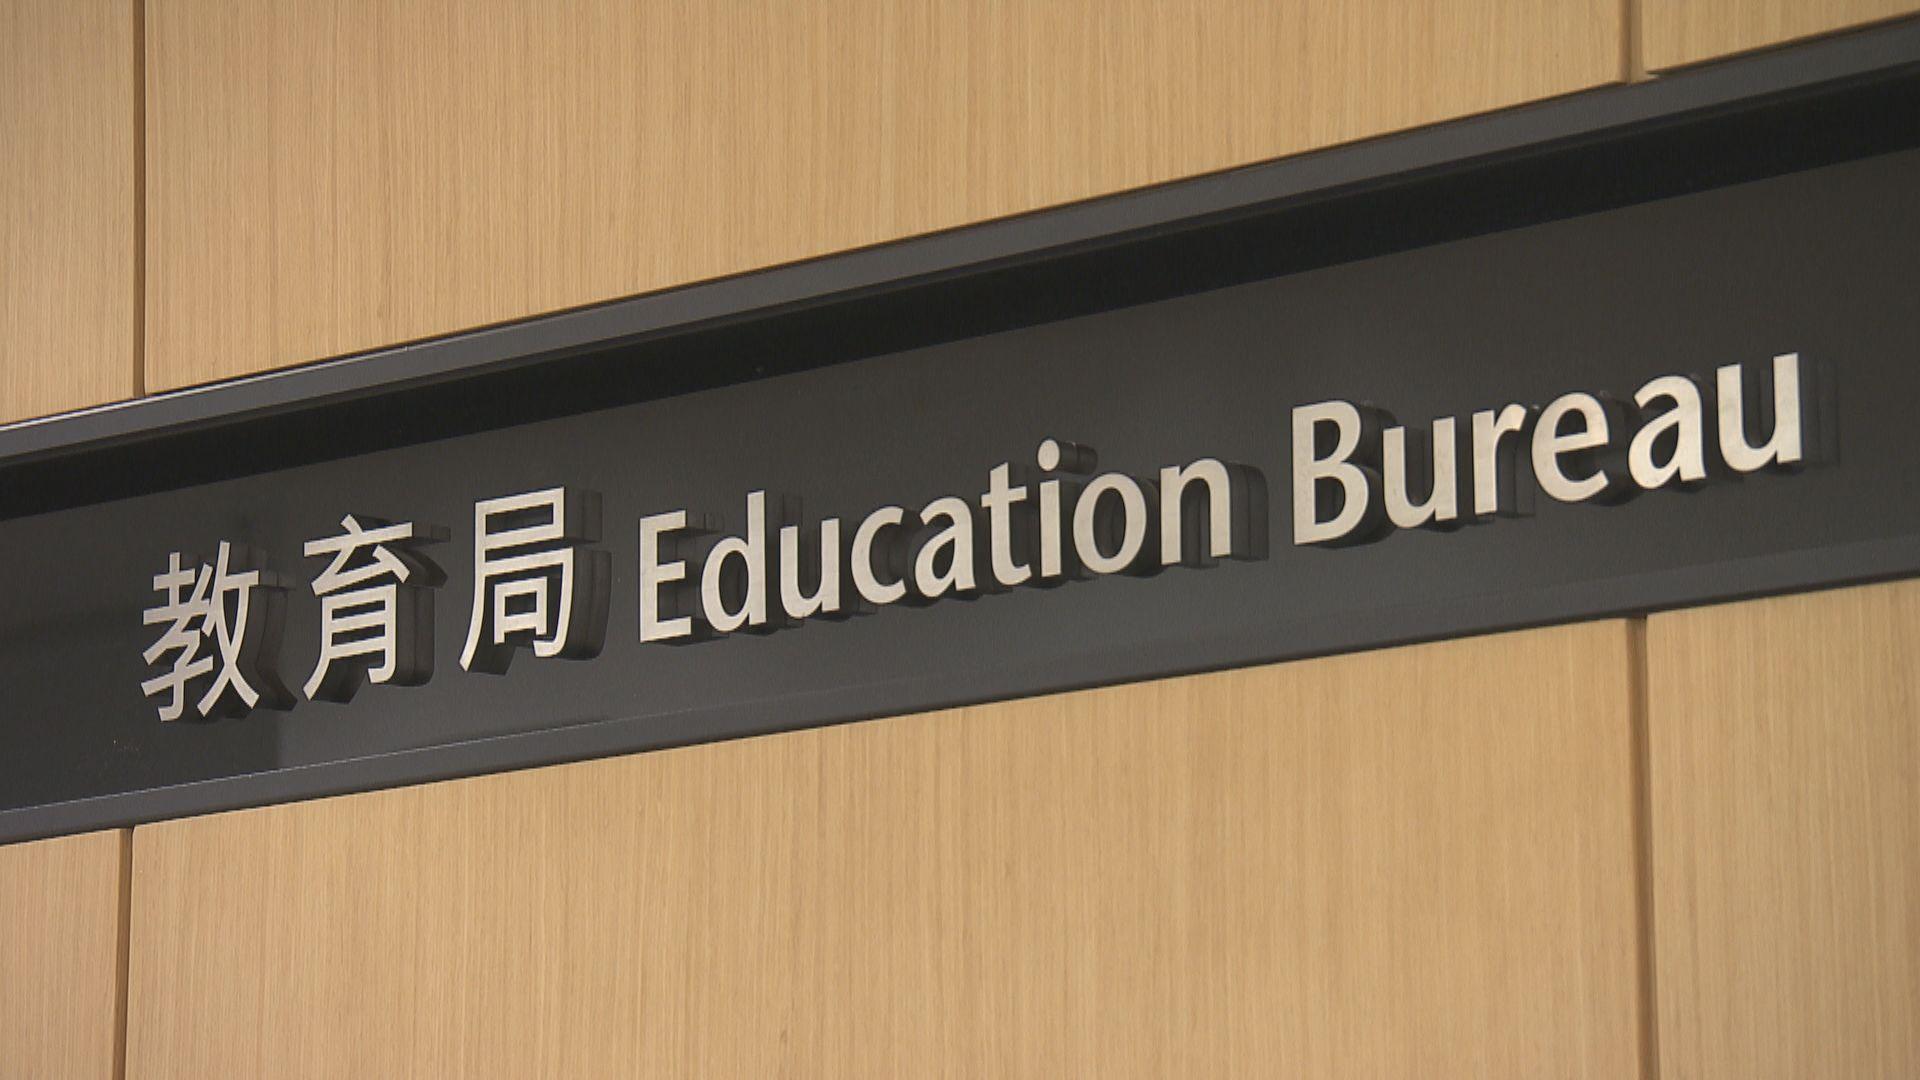 教育局不評論教協解散 稱繼續與名副其實的教育專業團體合作